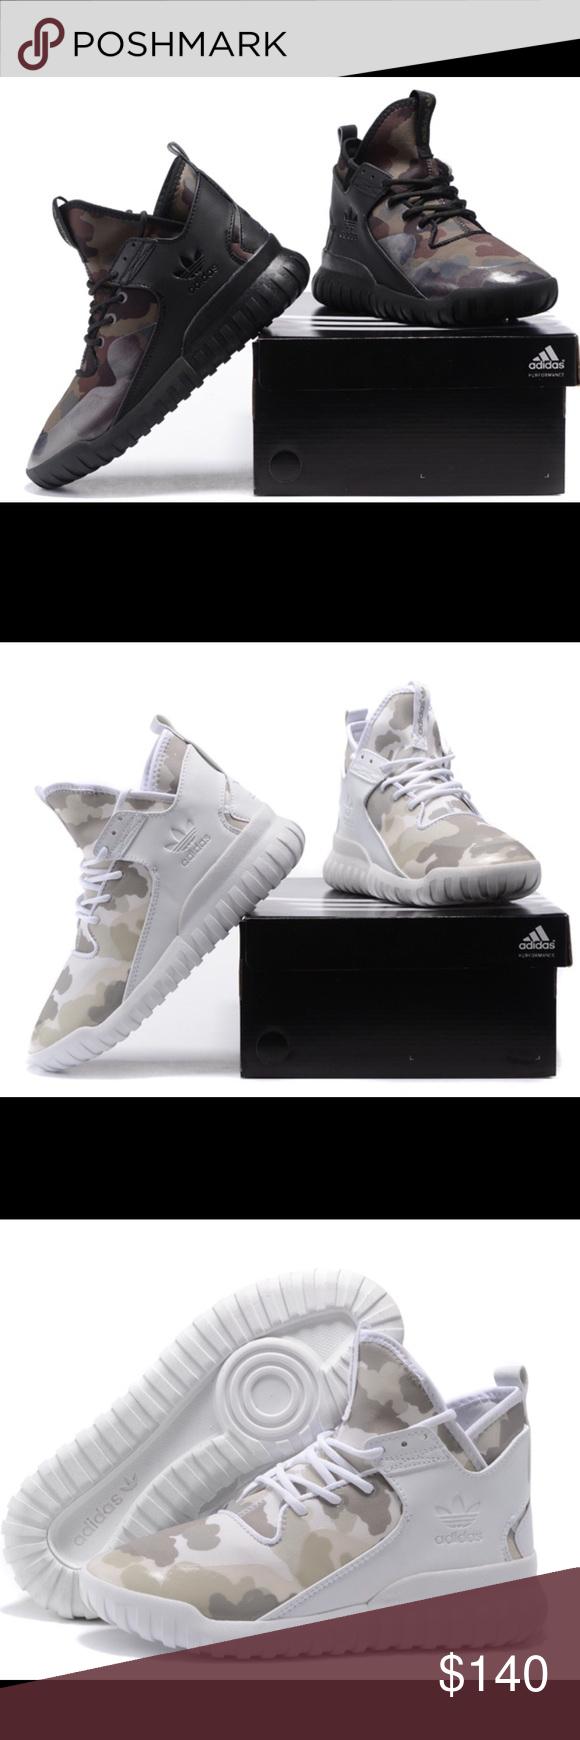 Adidas originali tubulare x primeknit brand: colore: verious adidas